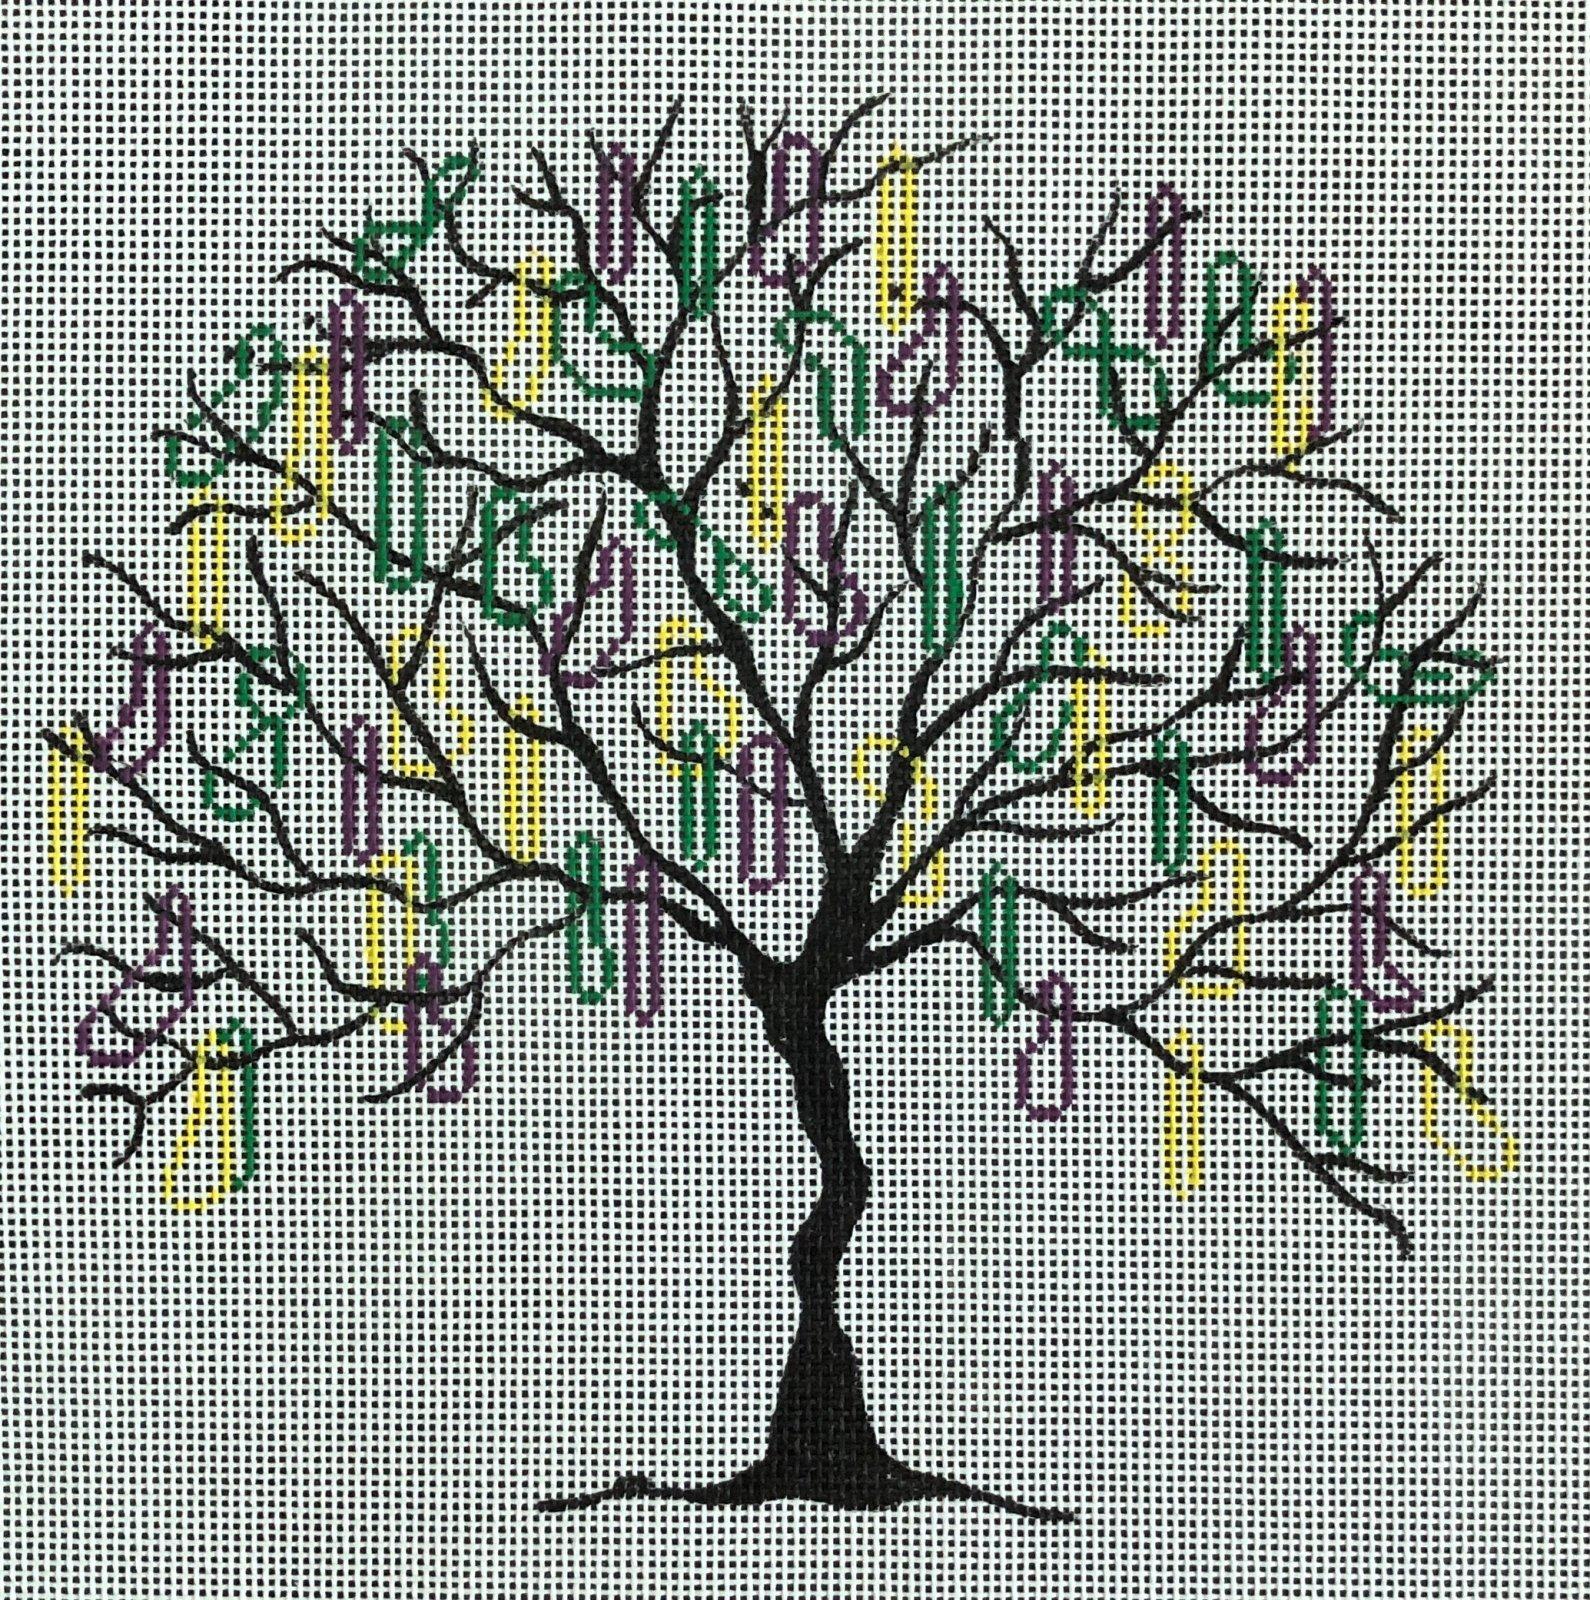 V64 - MARDI GRAS TREE